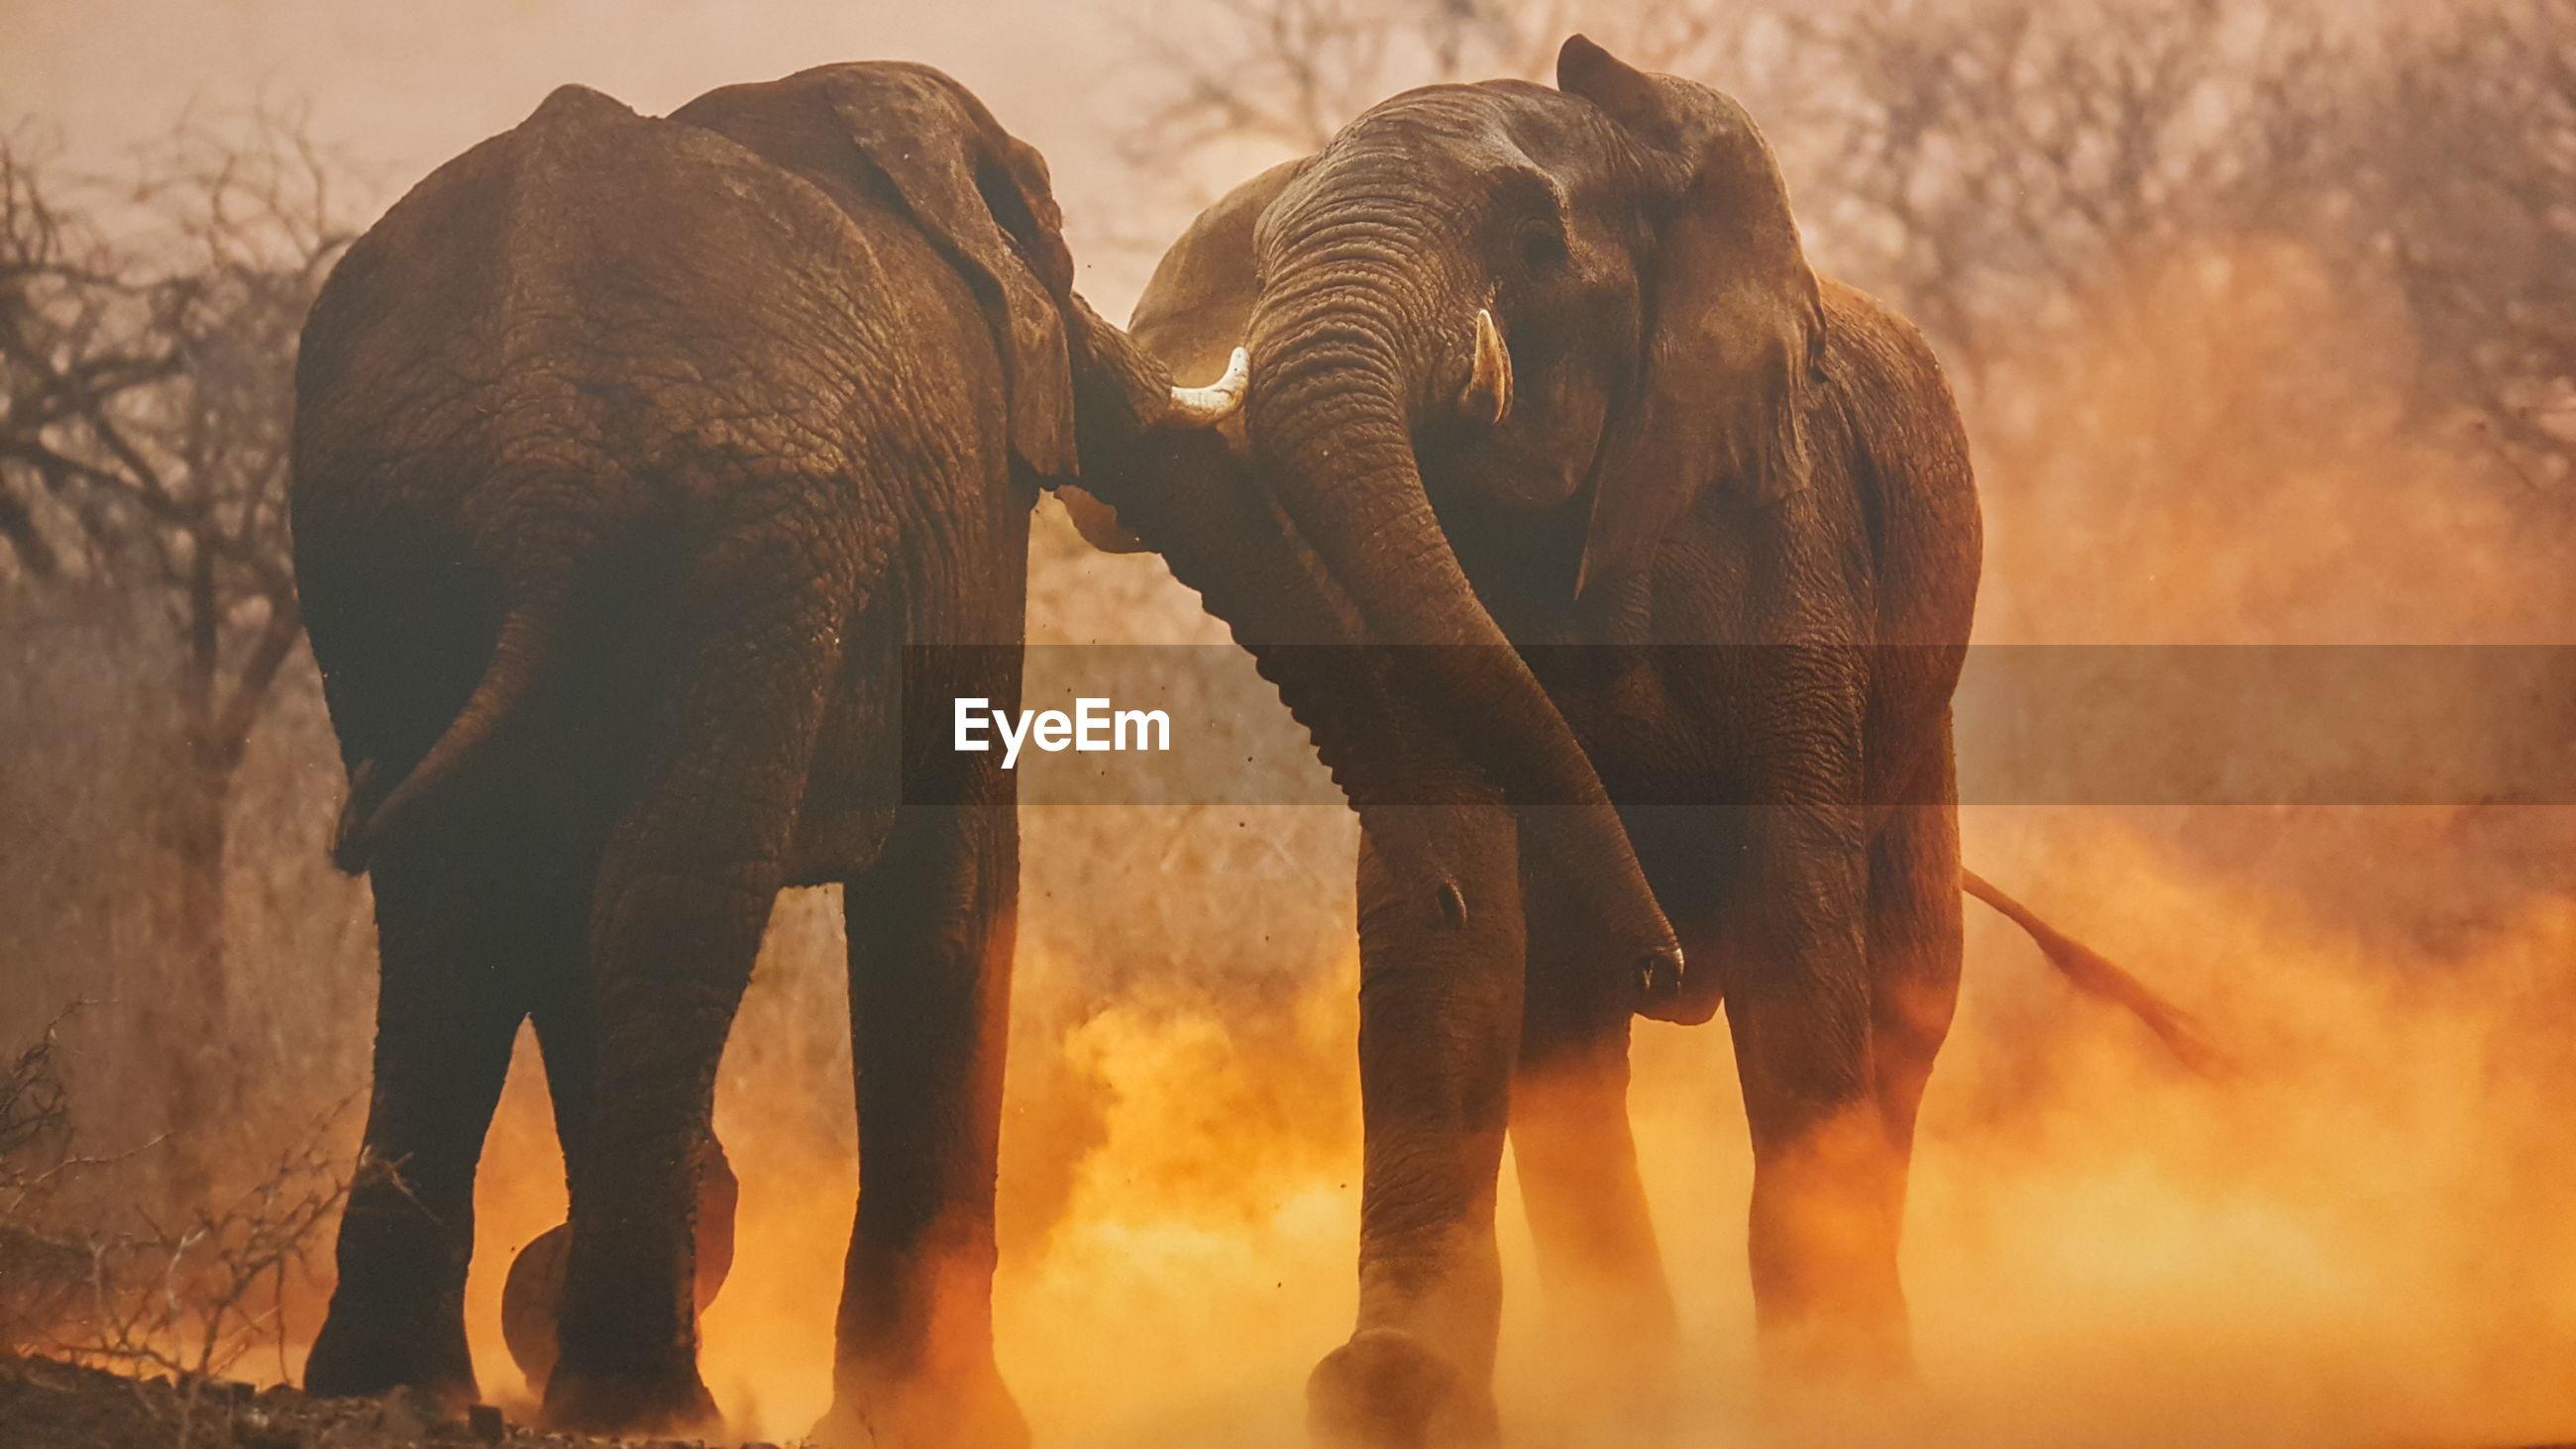 Elephants fighting on field